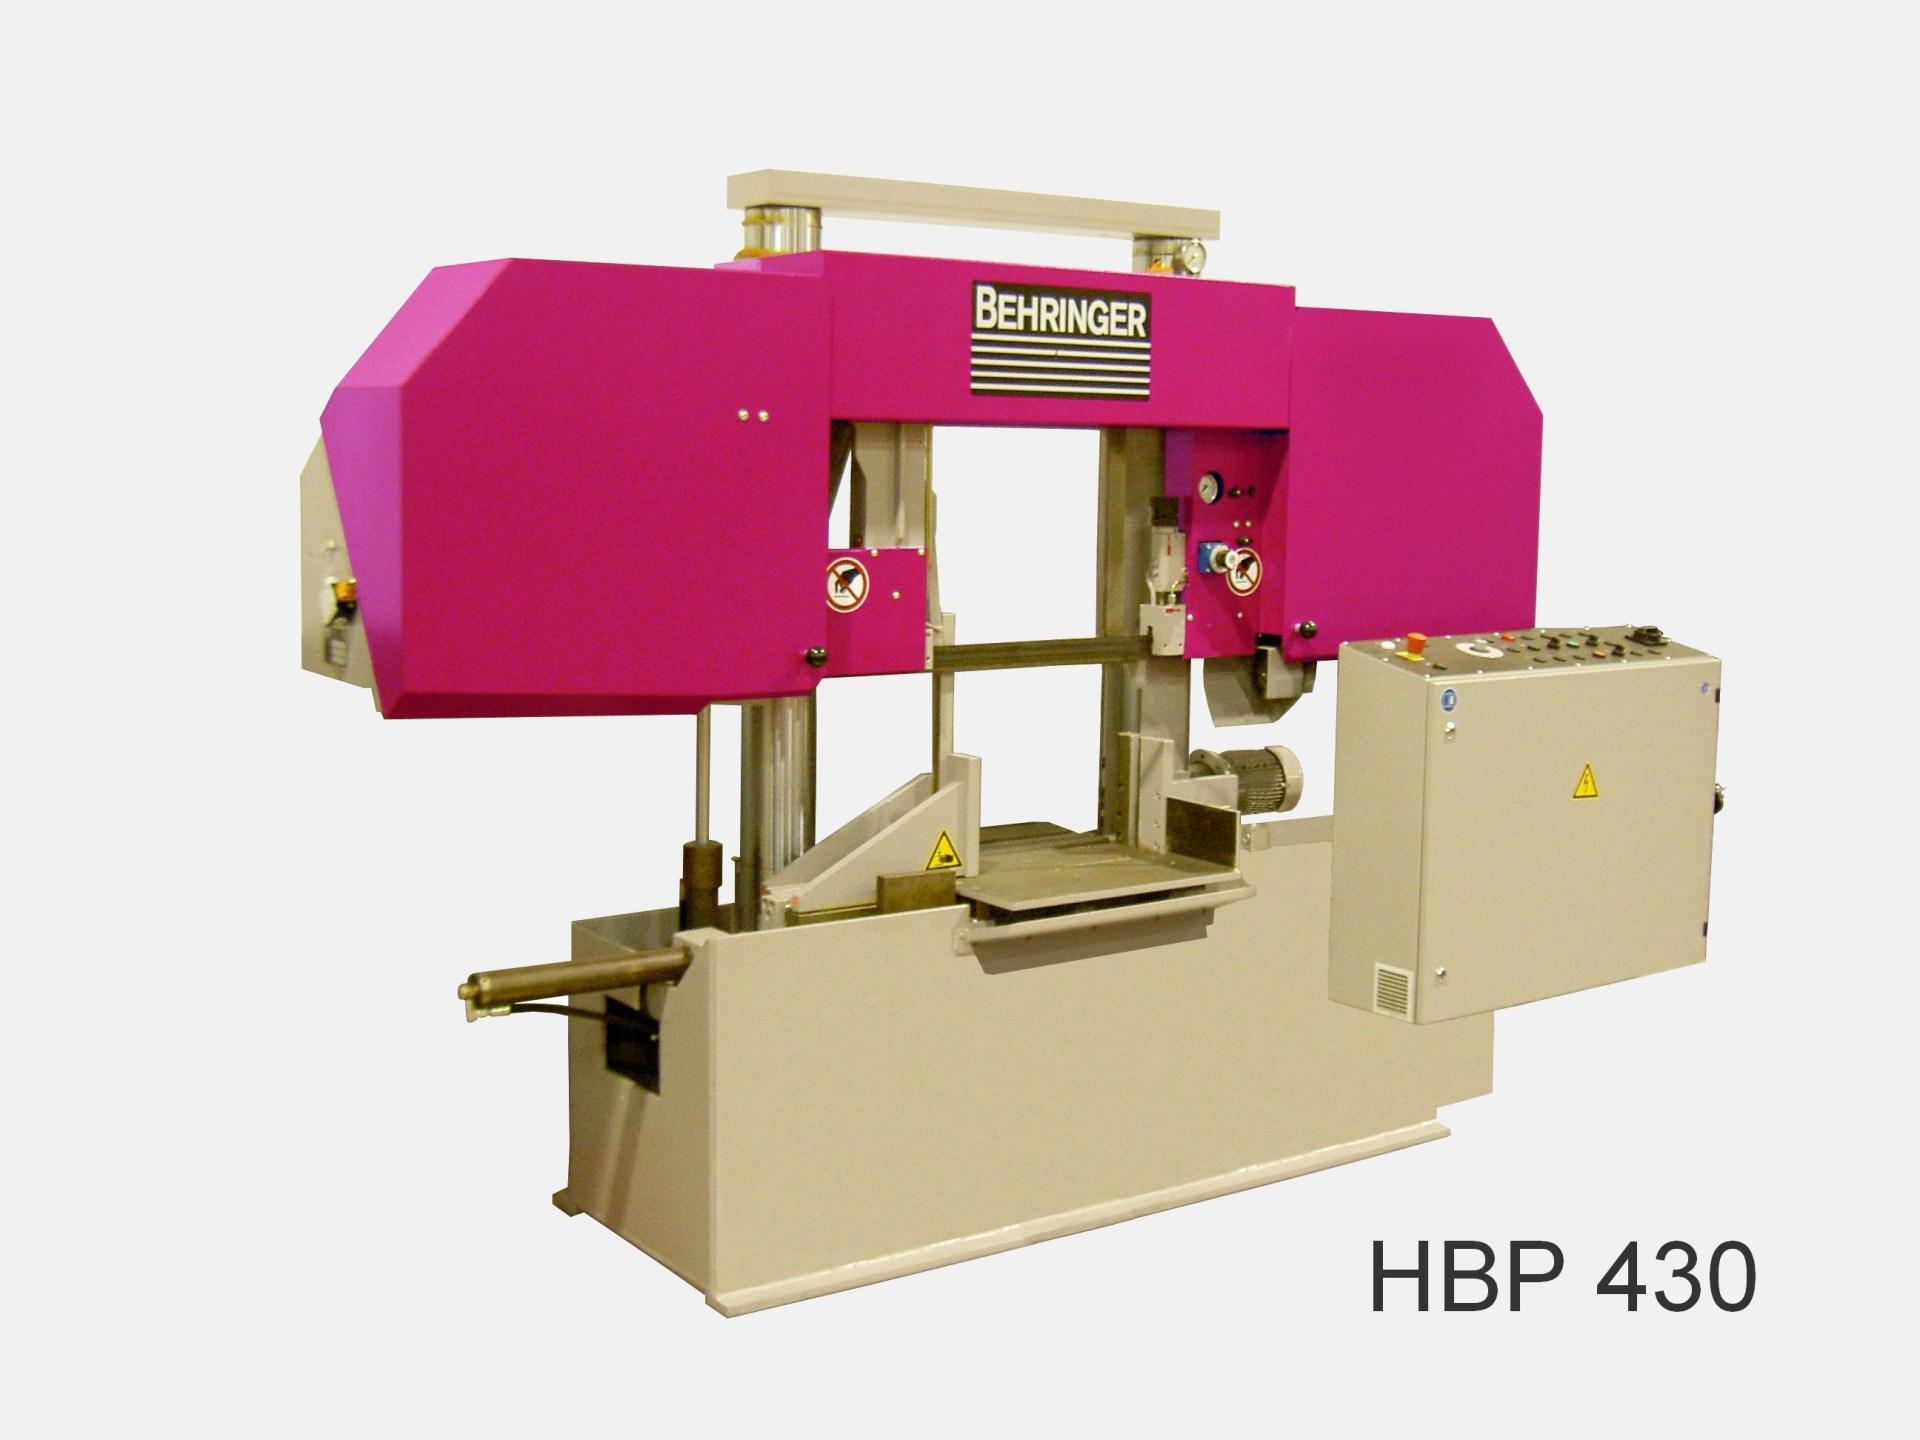 HBP 430